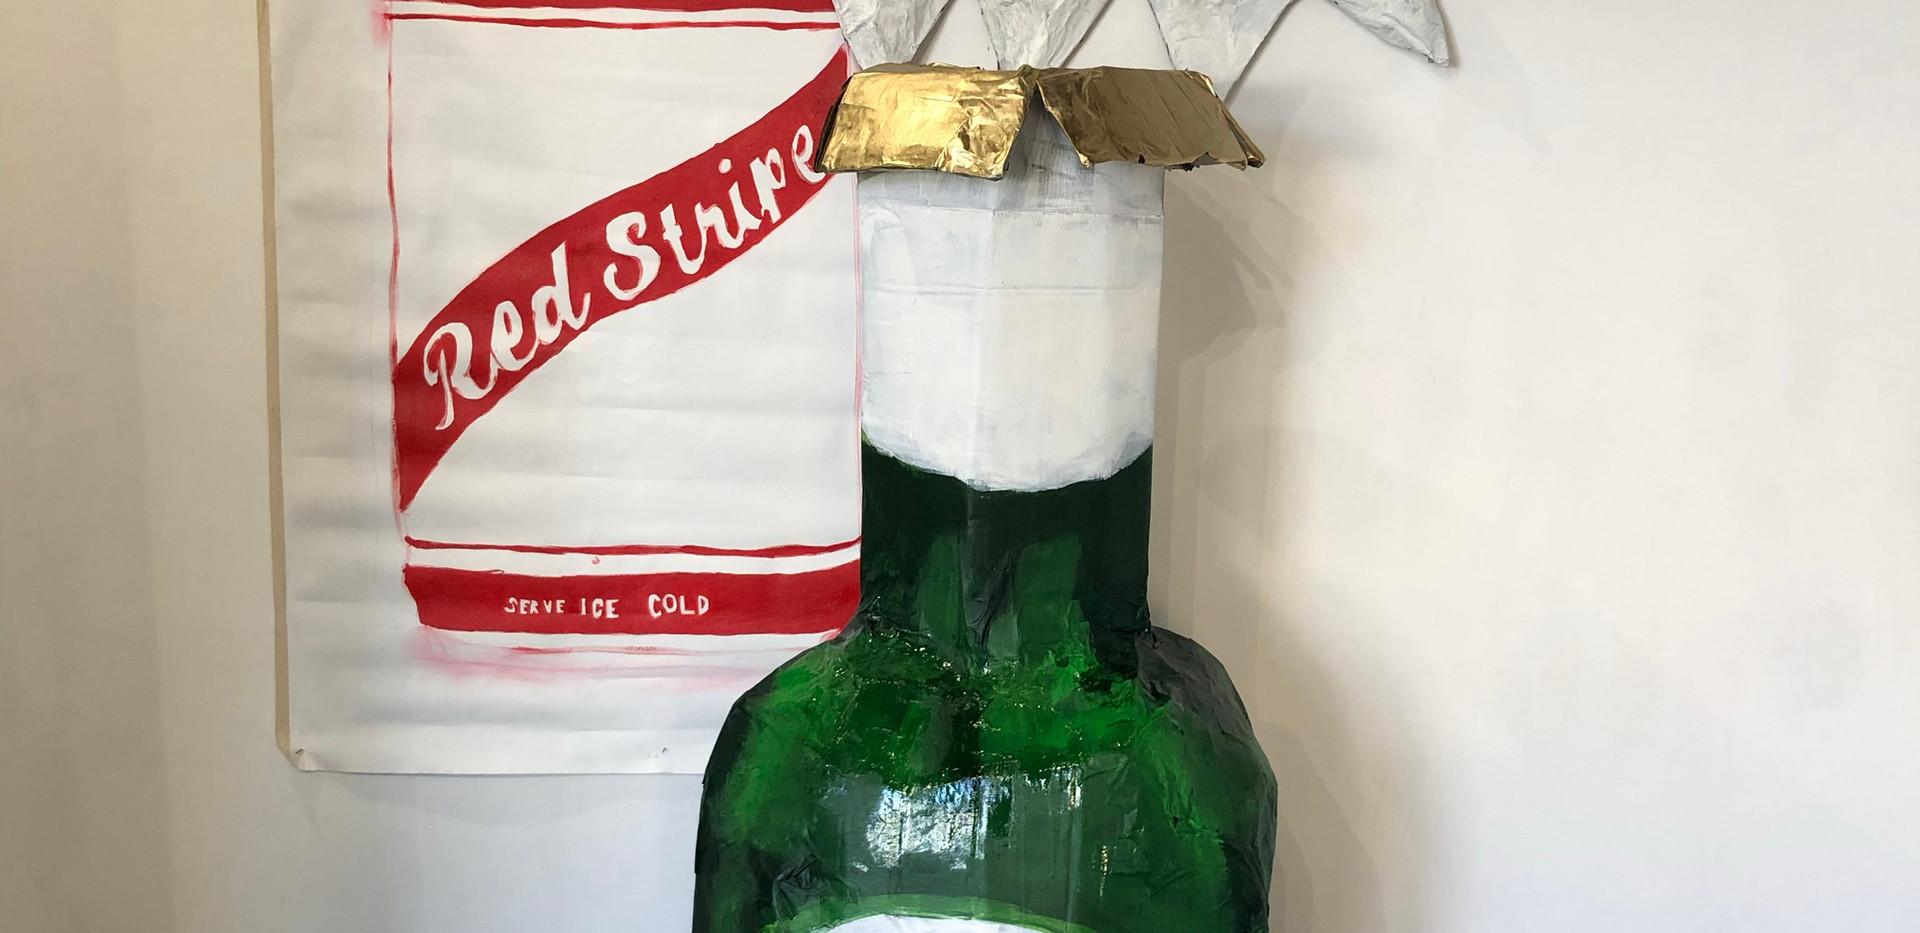 Stella Installation